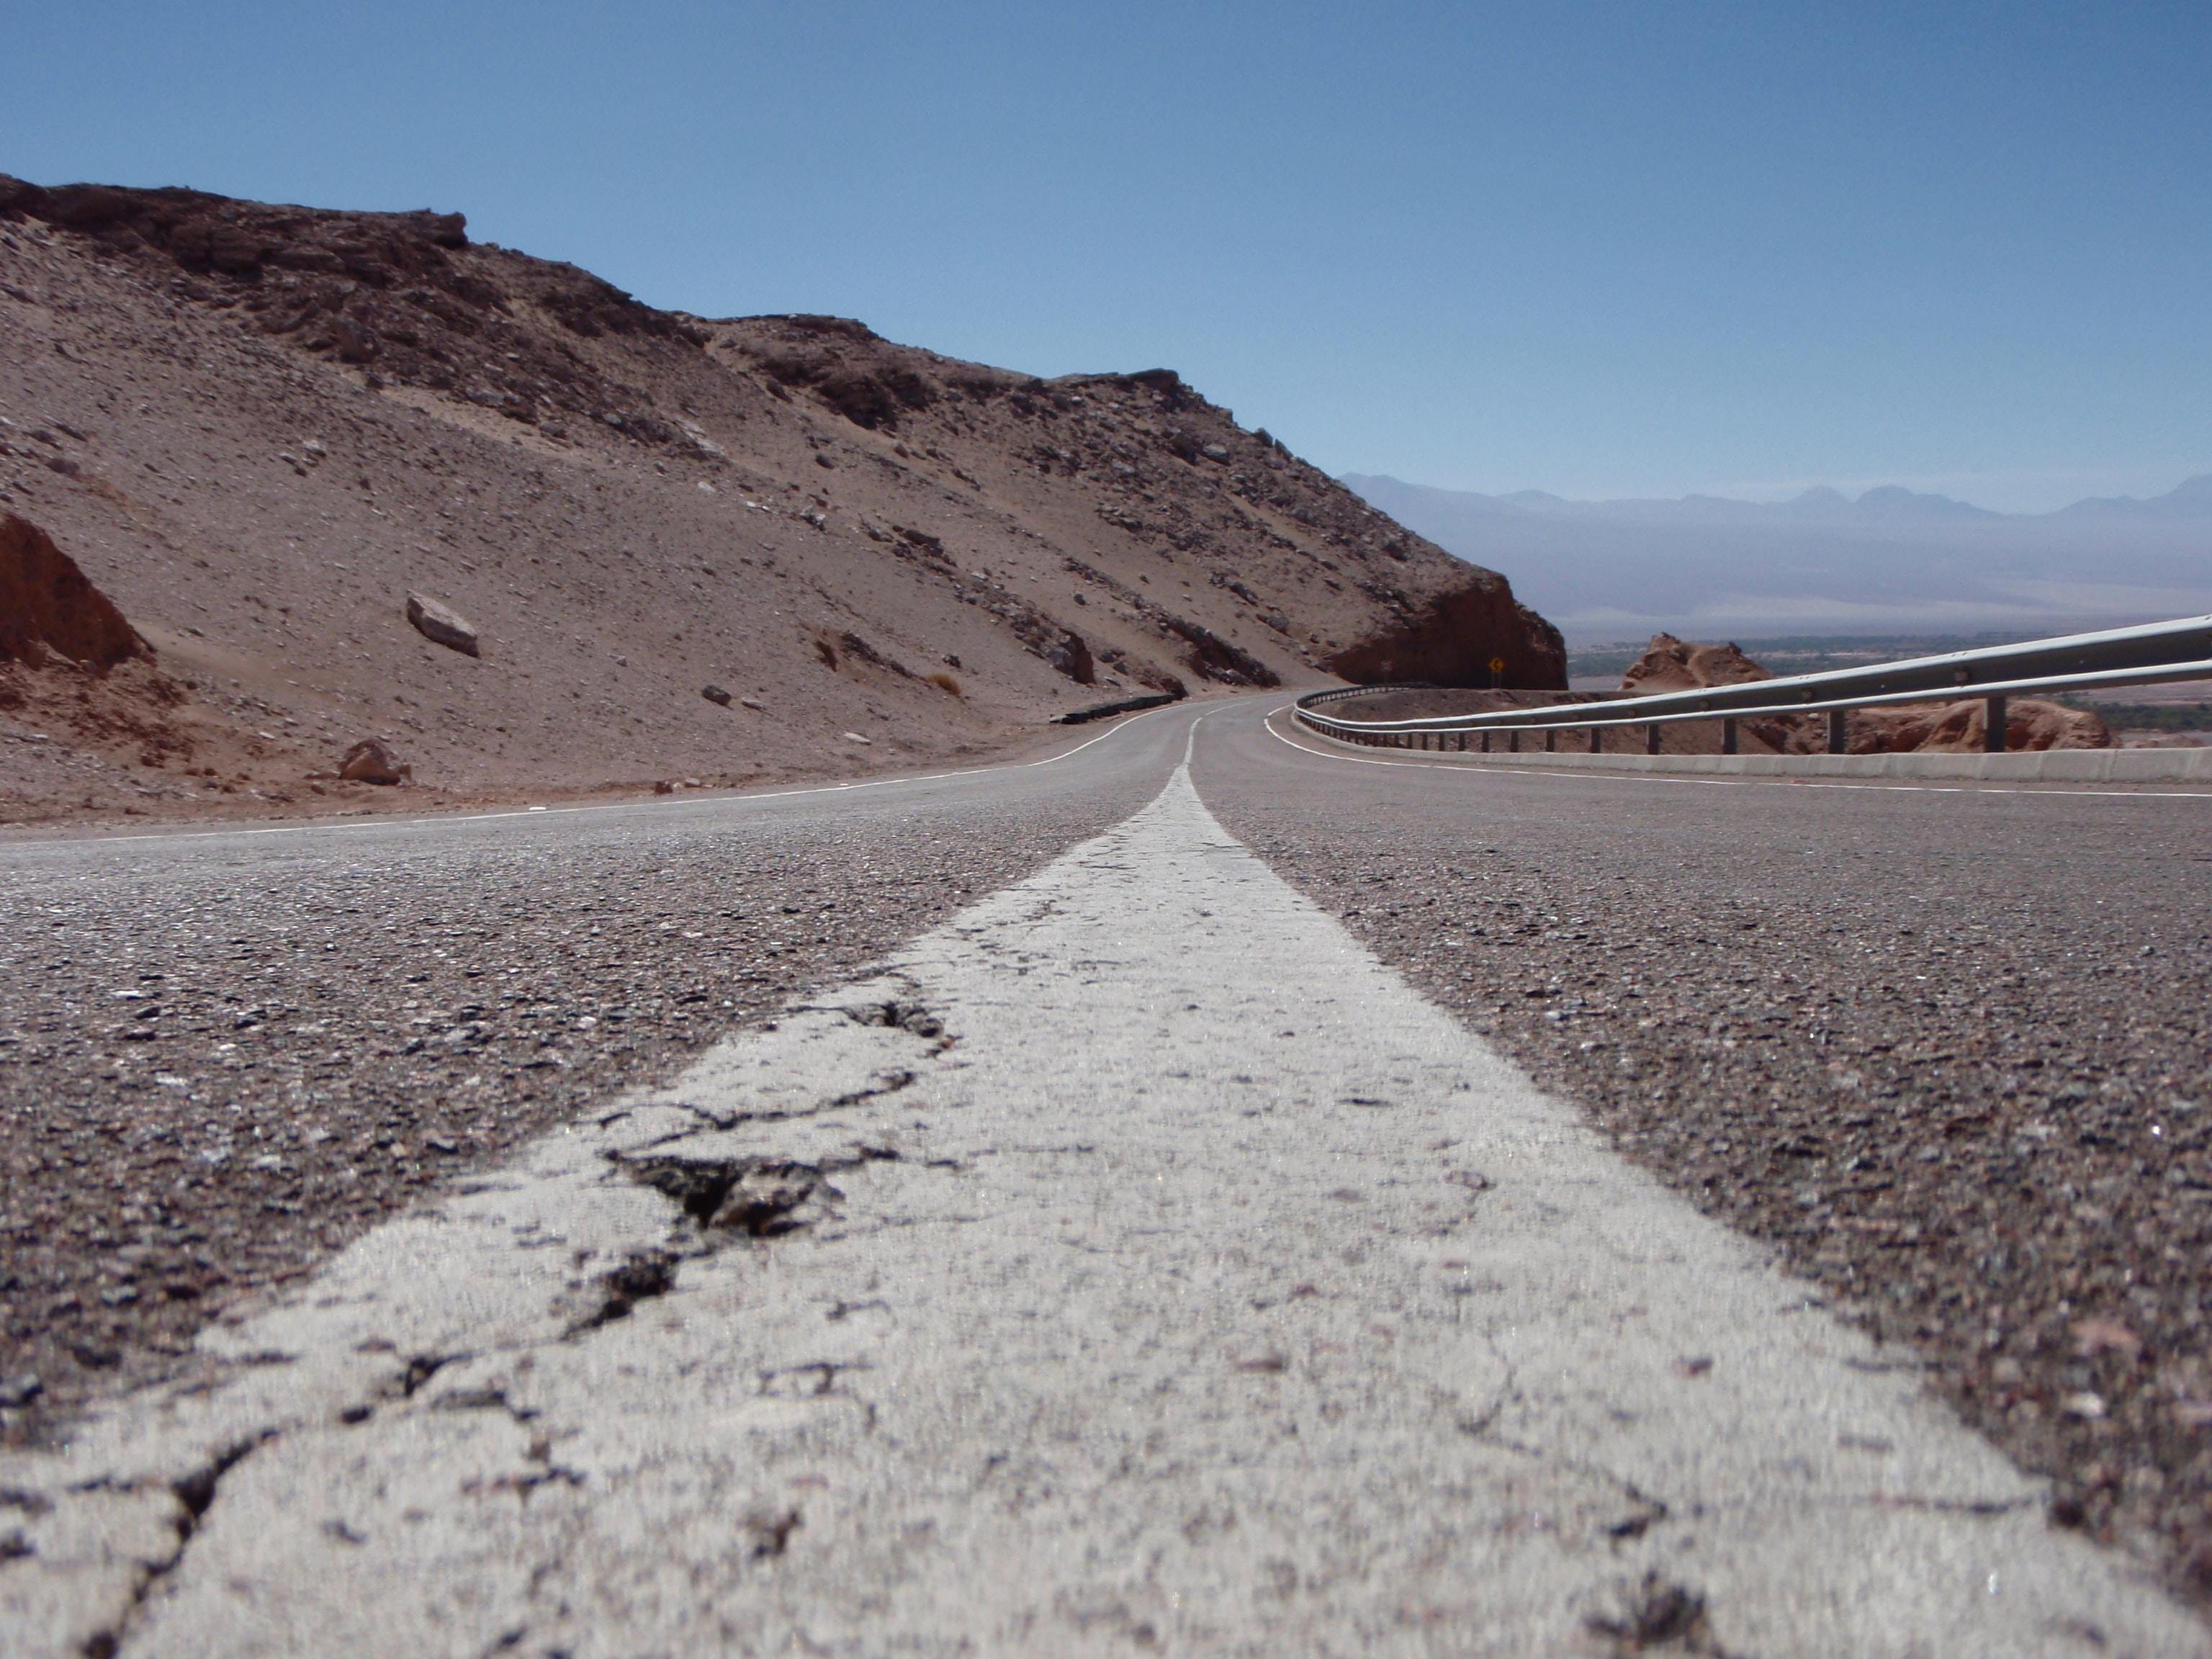 concrete road on the edge of mountain